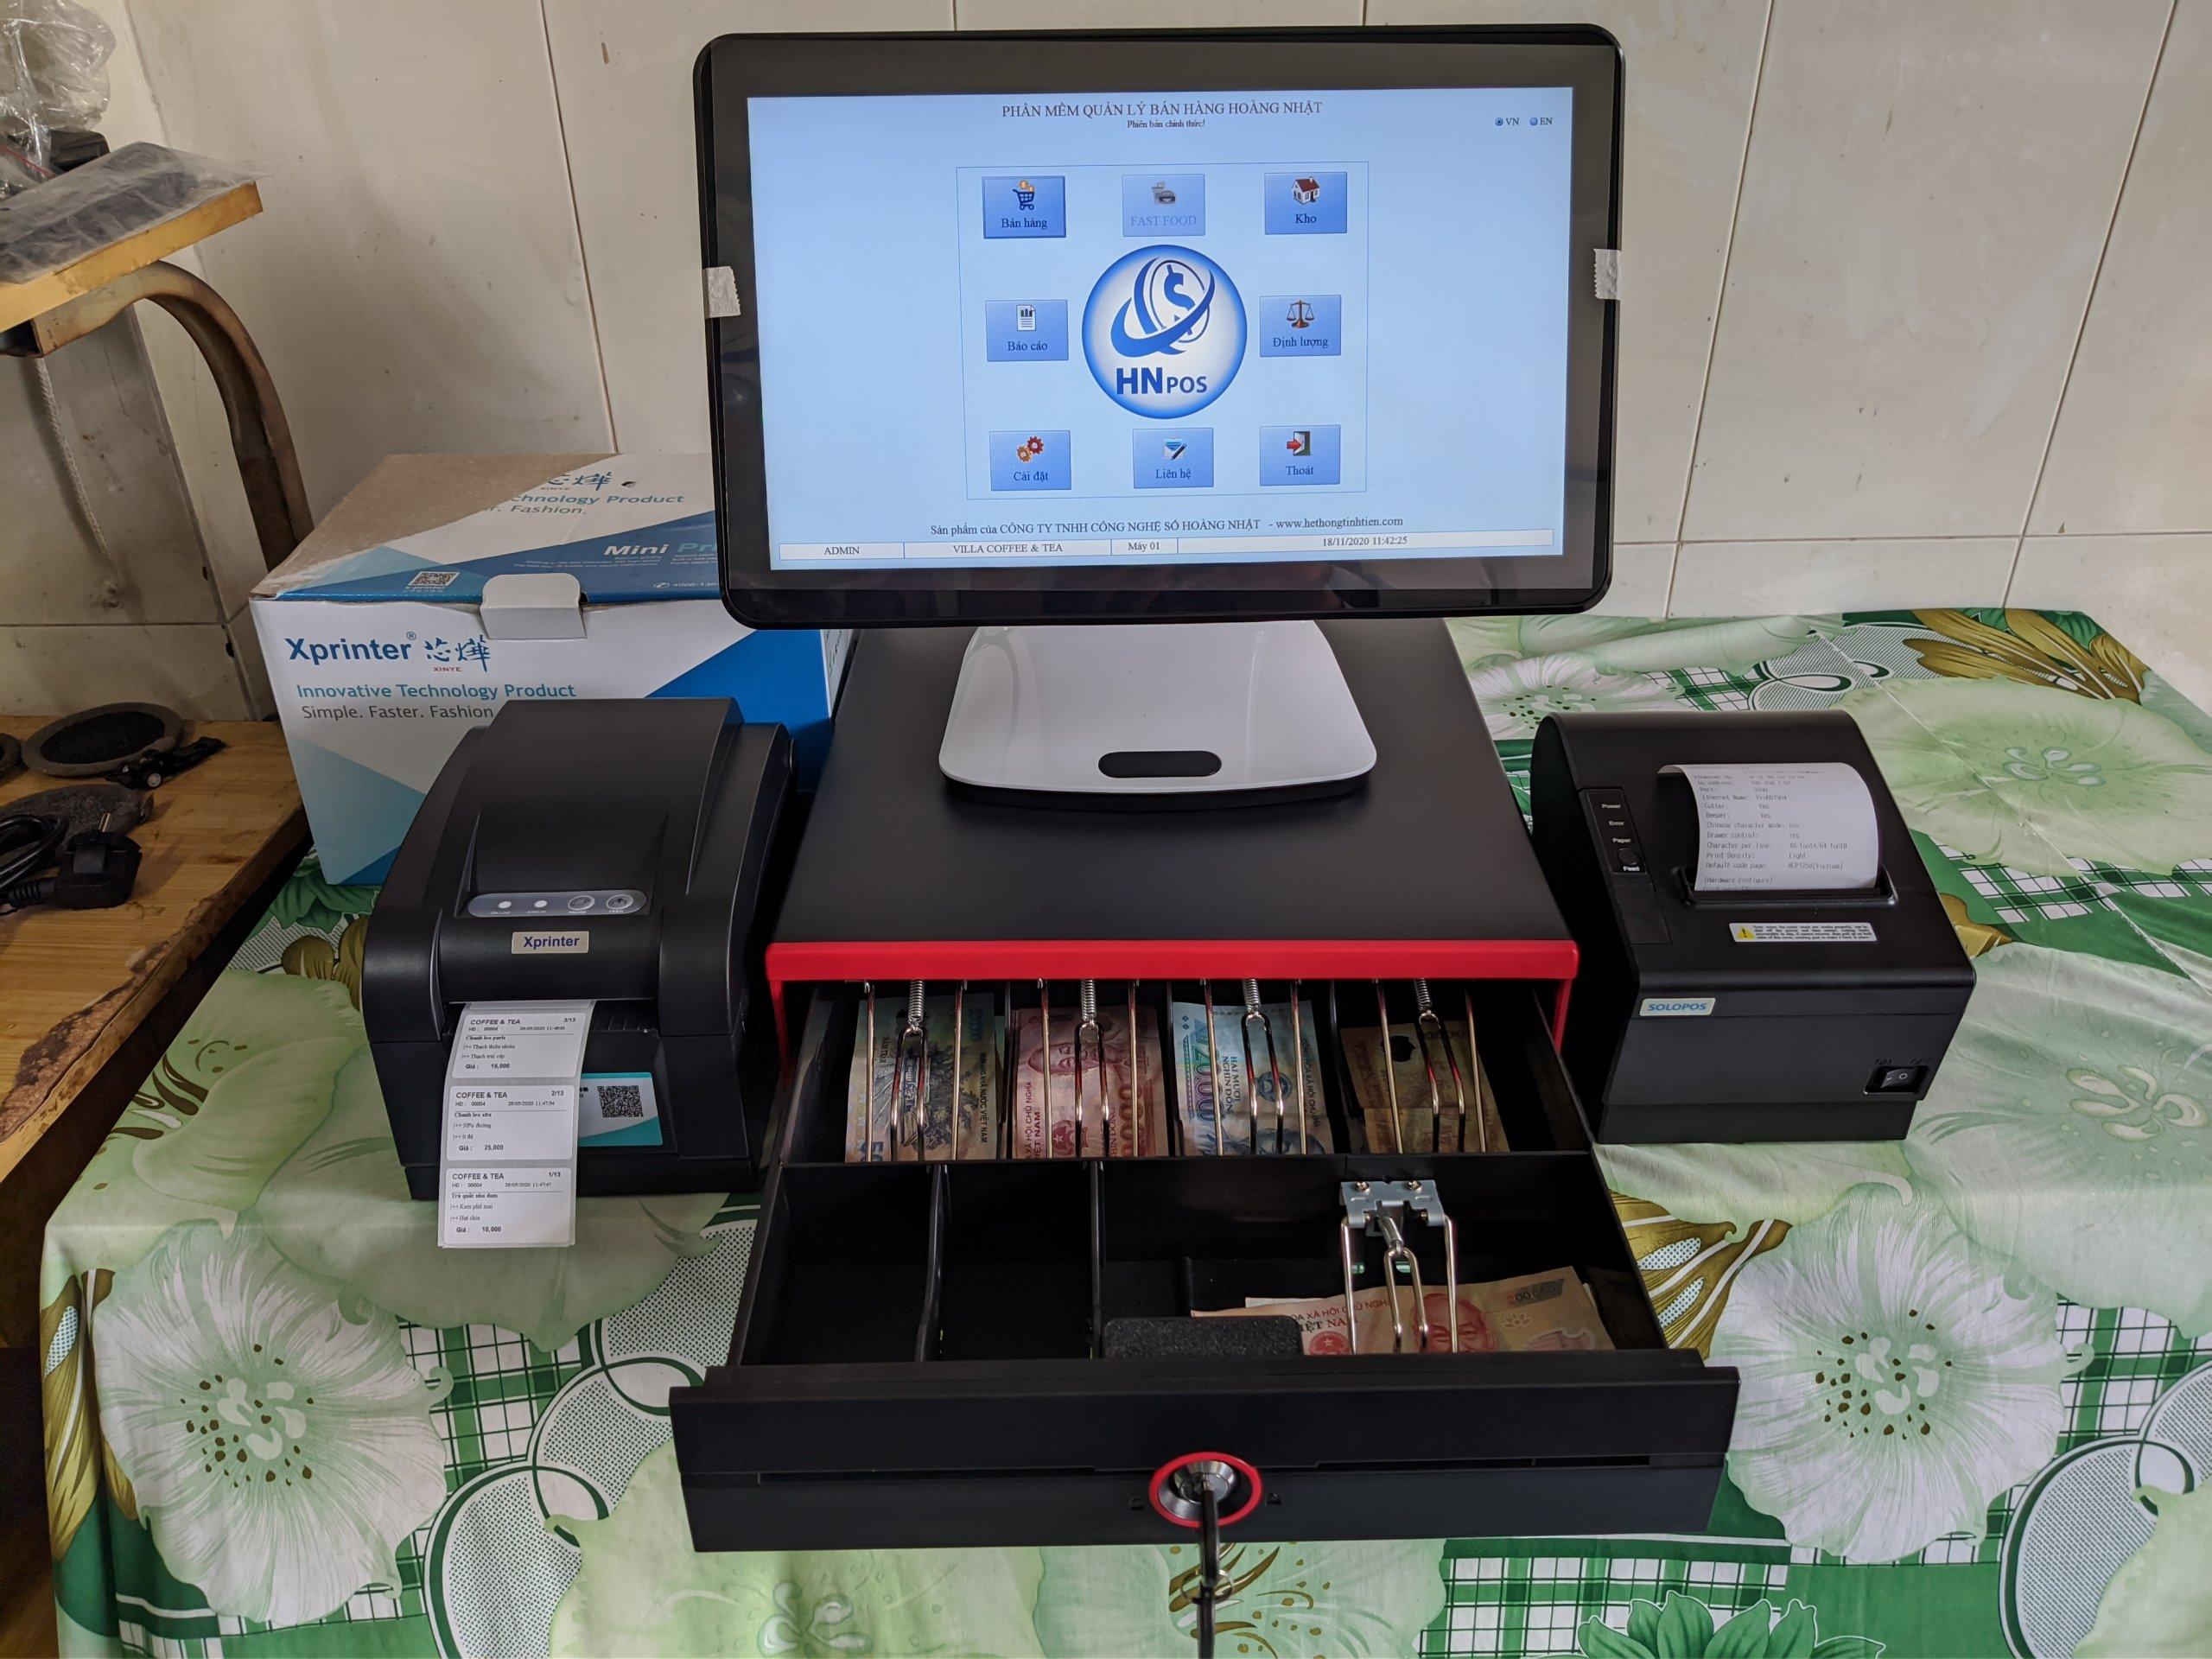 máy bán hàng pos giá rẻ